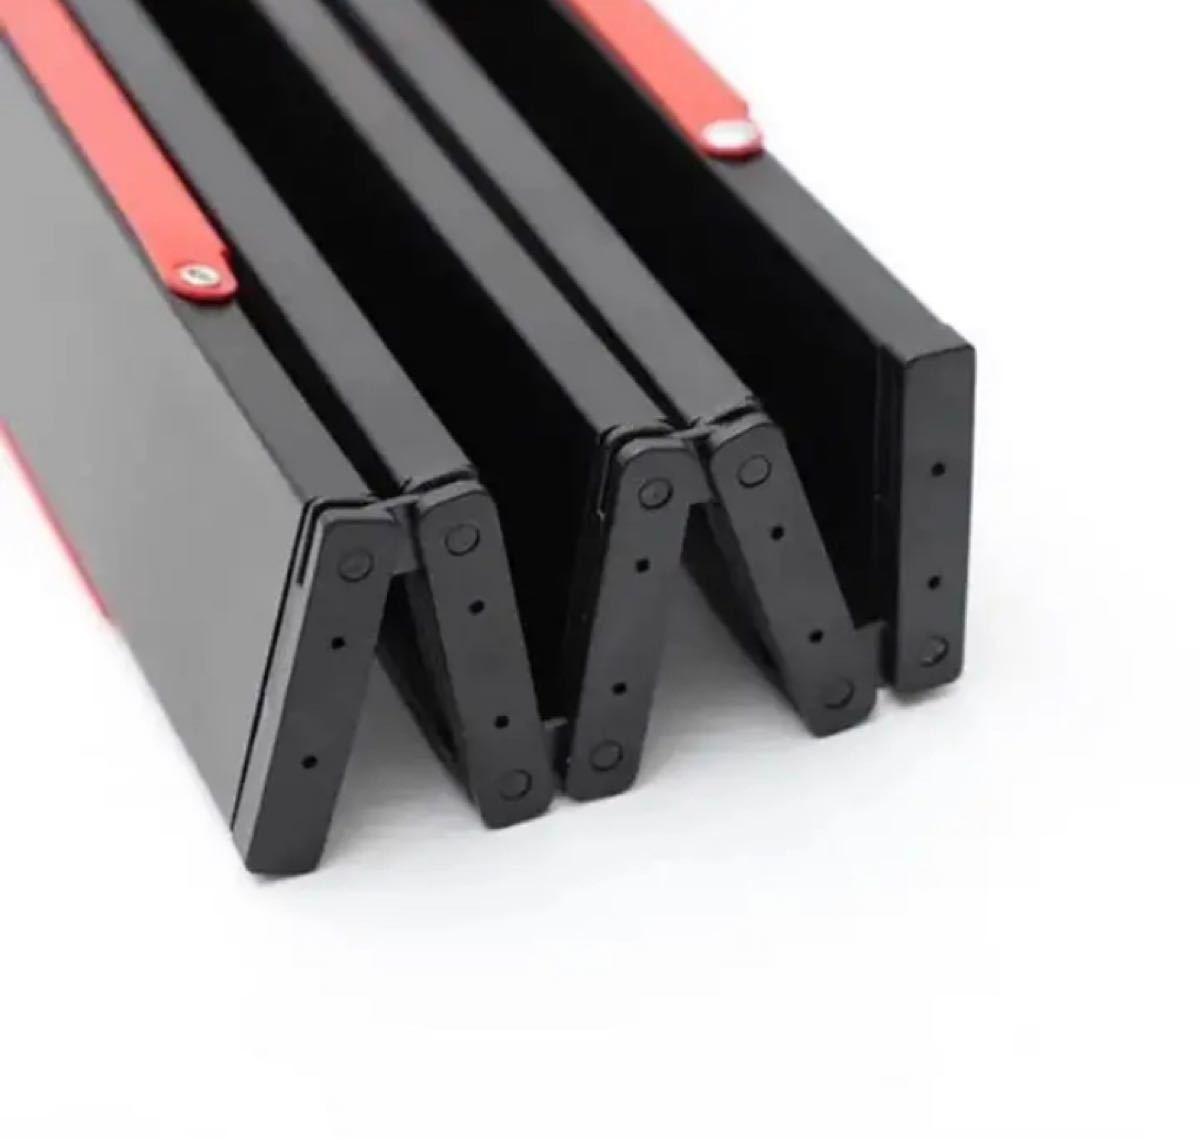 アルミロールテーブル/アウトドア用/折りたたみ式/軽量/収納袋付き/シルバー